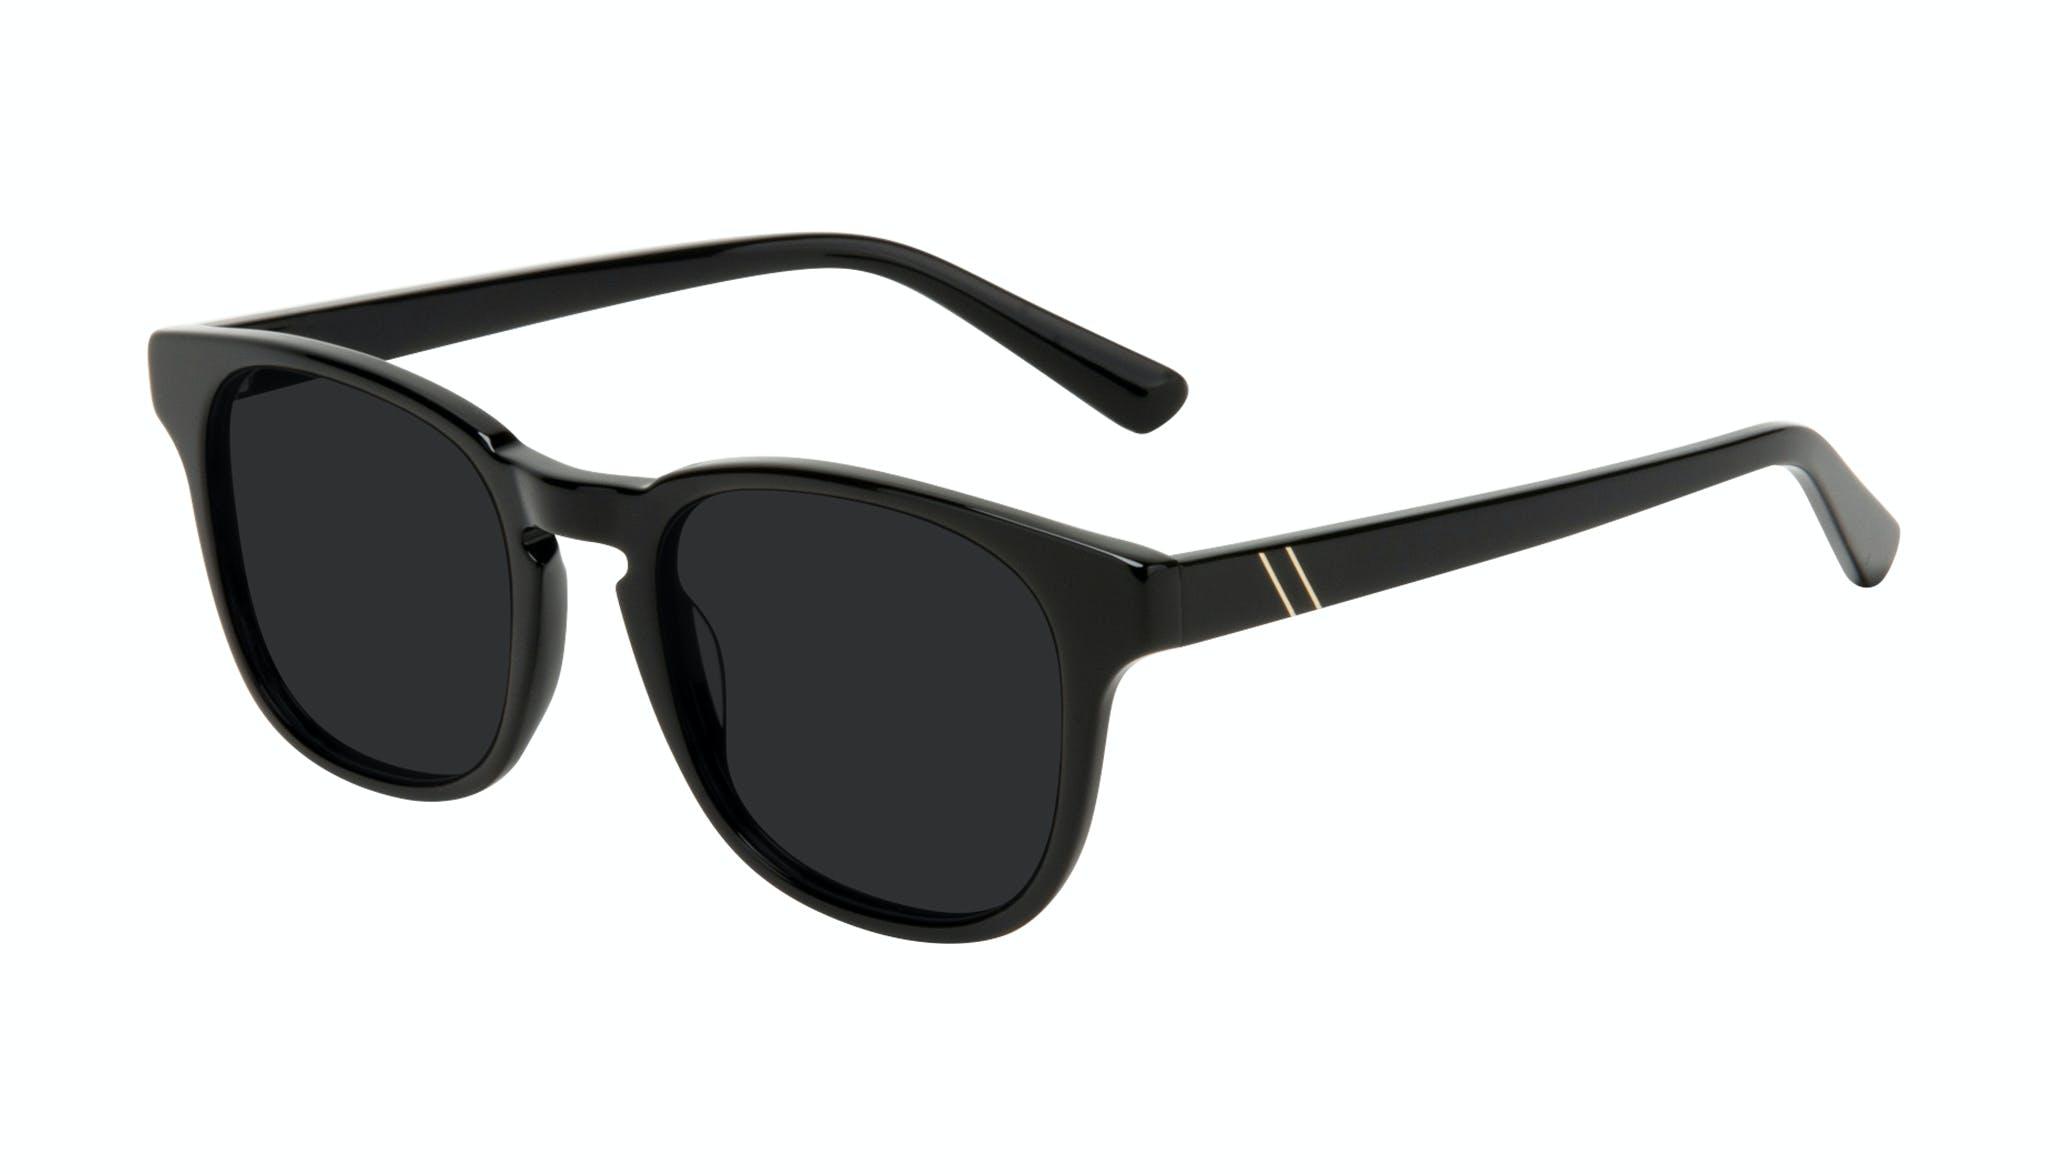 Affordable Fashion Glasses Square Sunglasses Men Outline Black Tort Tilt